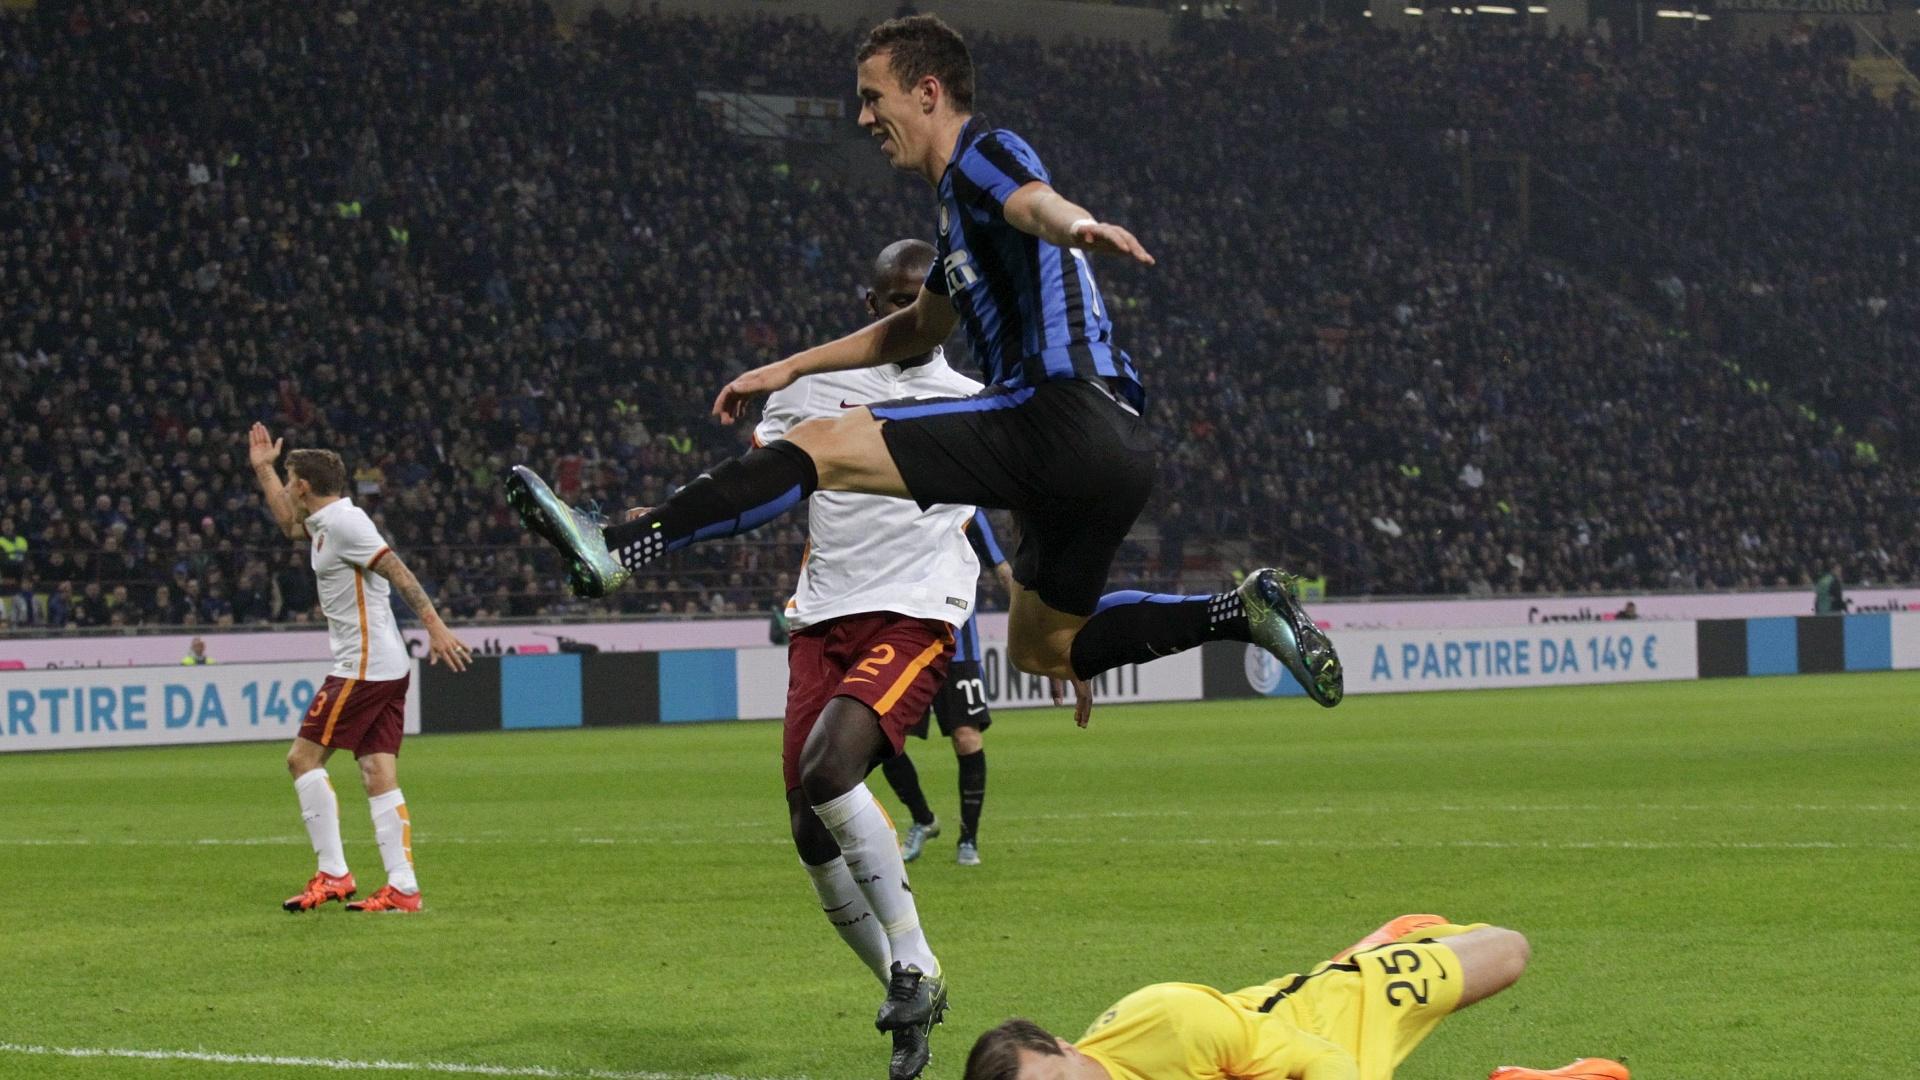 Com o resultado, a Inter chega a 24 pontos e supera a própria Roma, que fica com 23